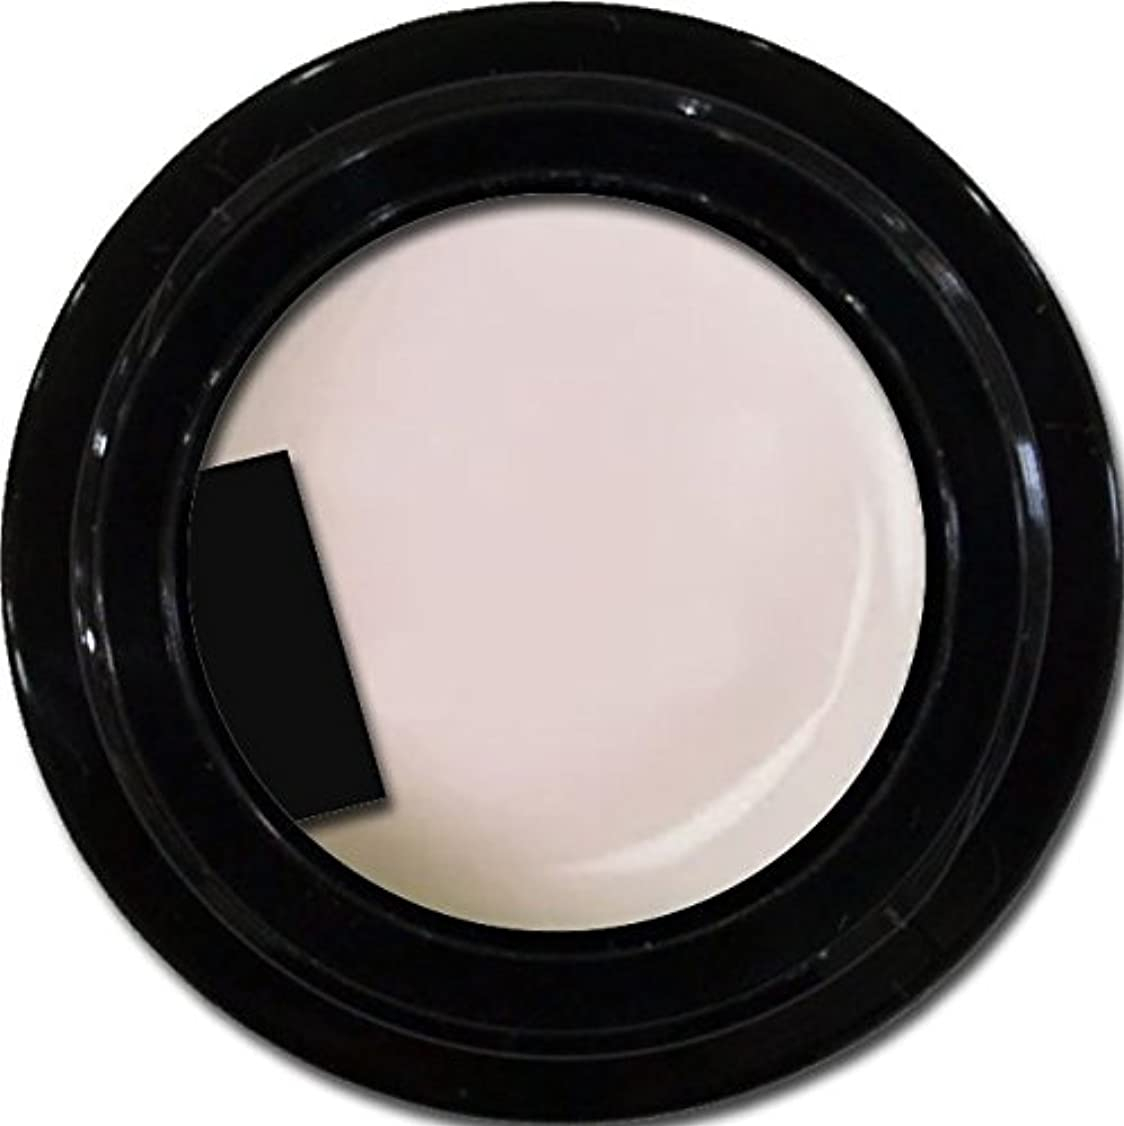 ラブまつげ集中的なカラージェル enchant gel color gel S002 Sheer Snow 3g/ エンチャントジェル カラージェル S002シアースノウ 3グラム